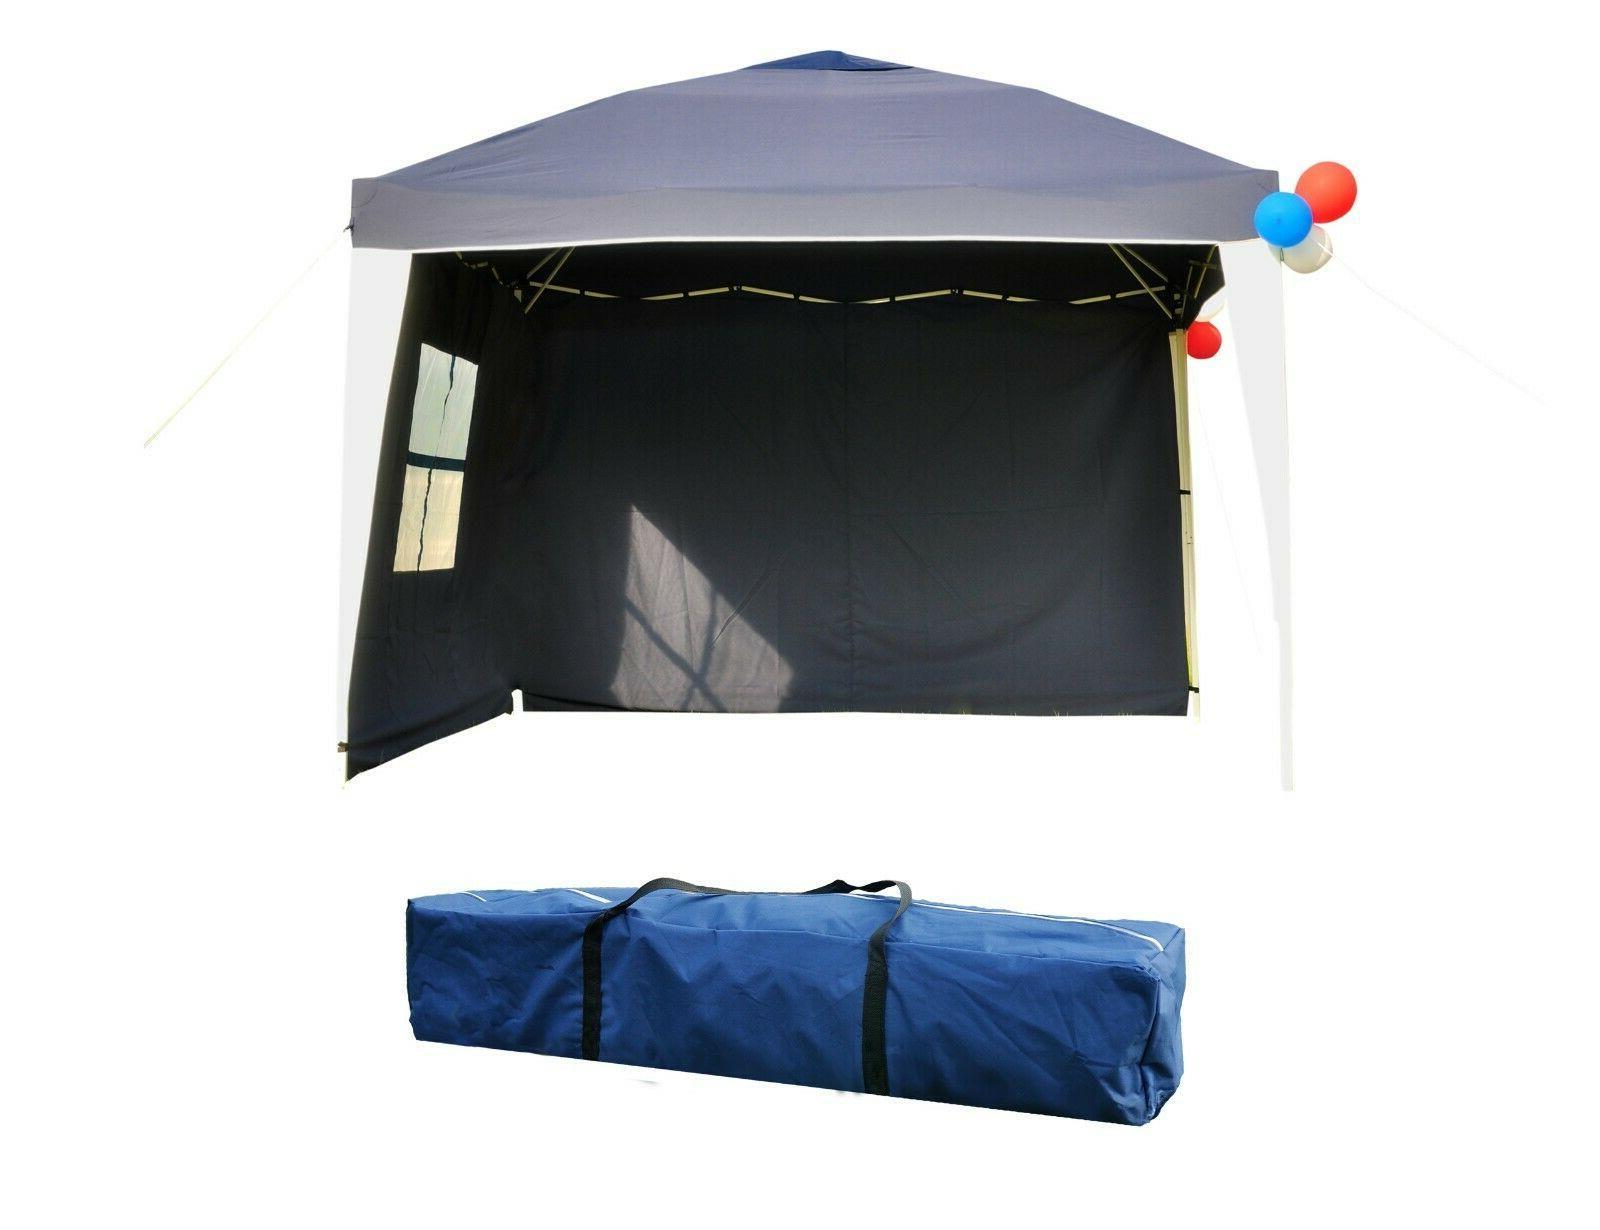 10x10 EZ Canopy Wedding Tent Gazebo Outdoor W/